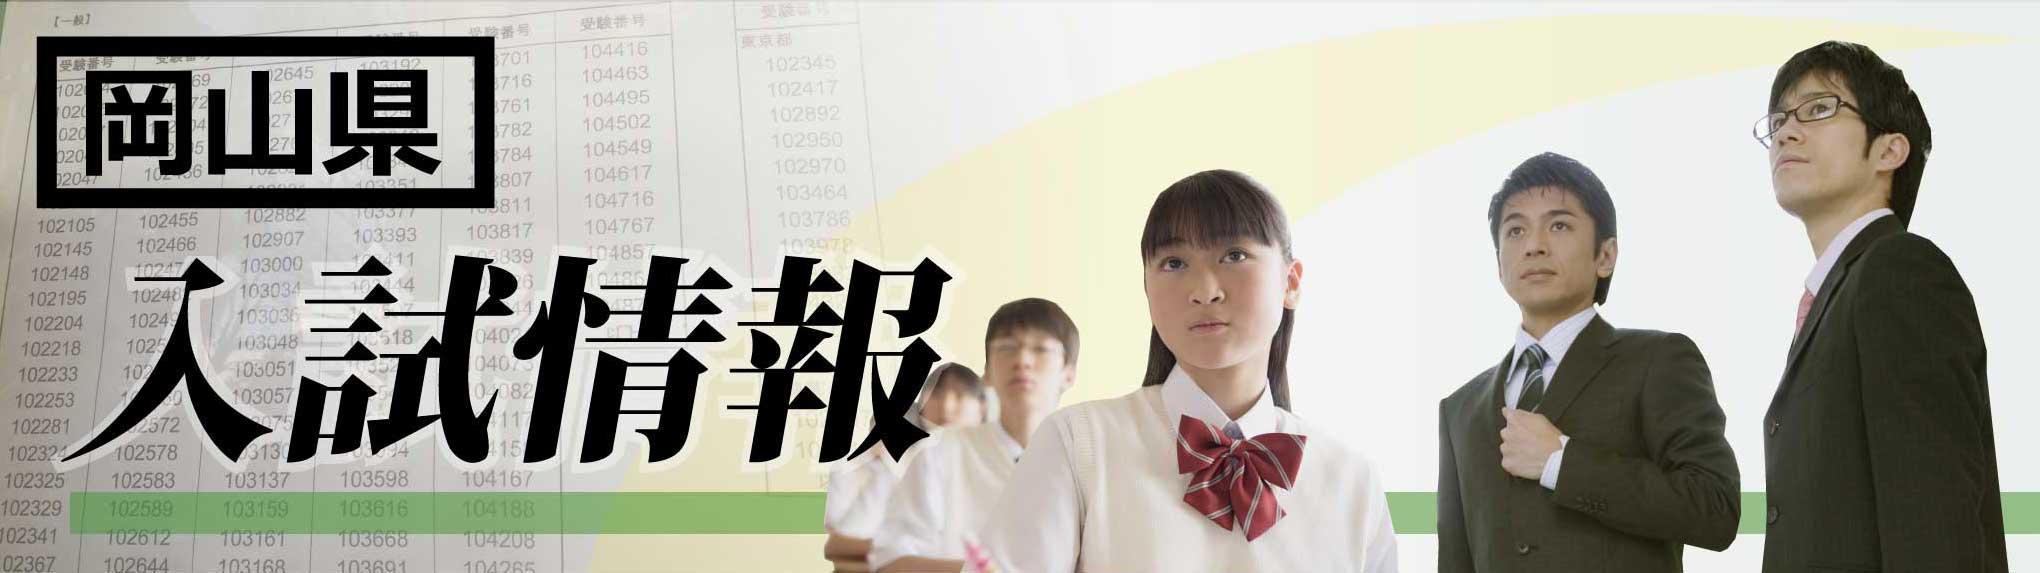 高校 入試 県立 岡山